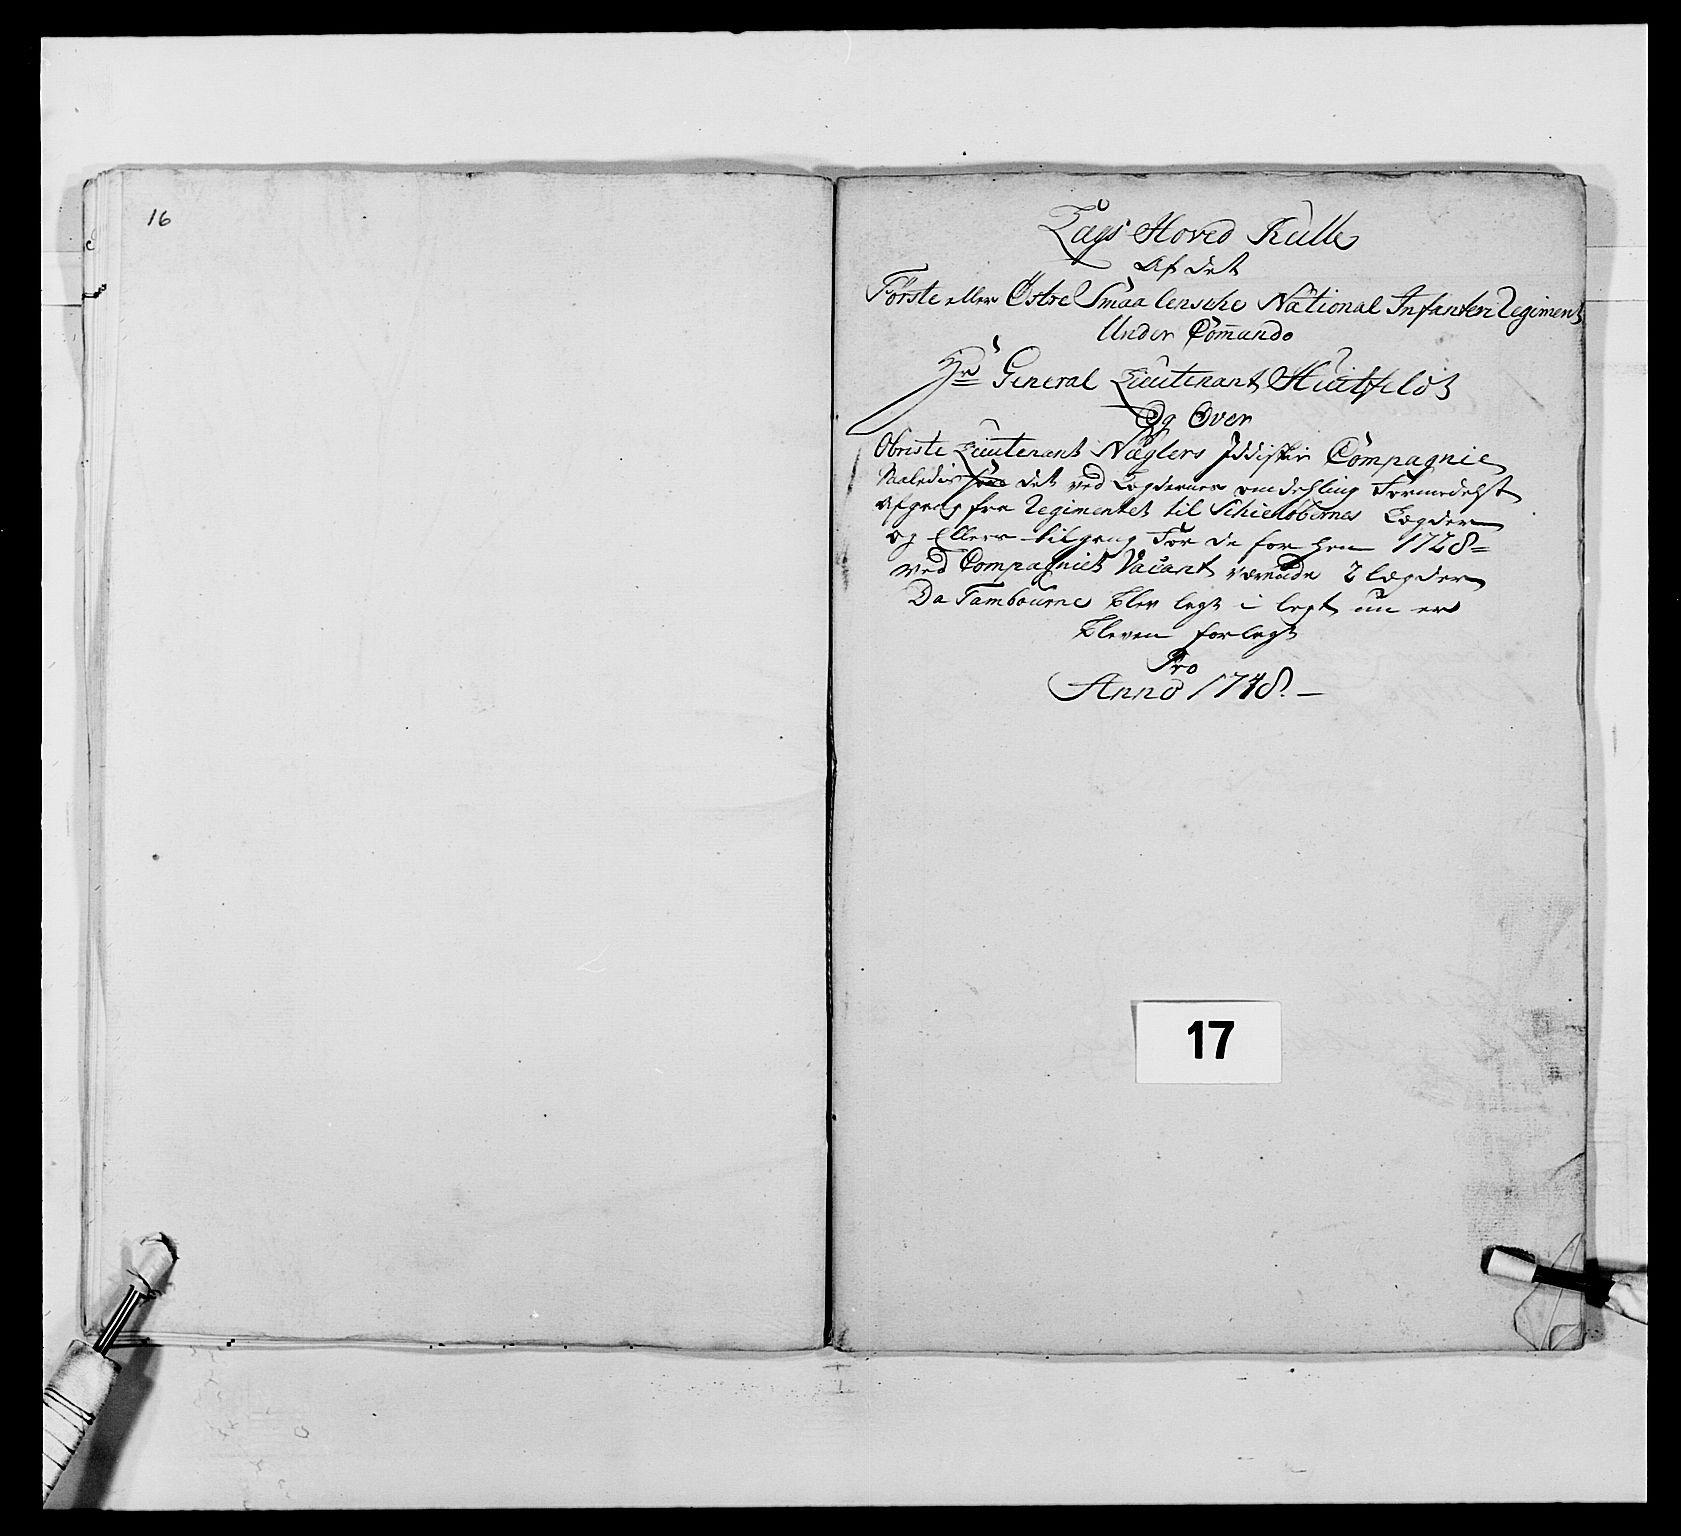 RA, Kommanderende general (KG I) med Det norske krigsdirektorium, E/Ea/L0495: 1. Smålenske regiment, 1732-1763, s. 204